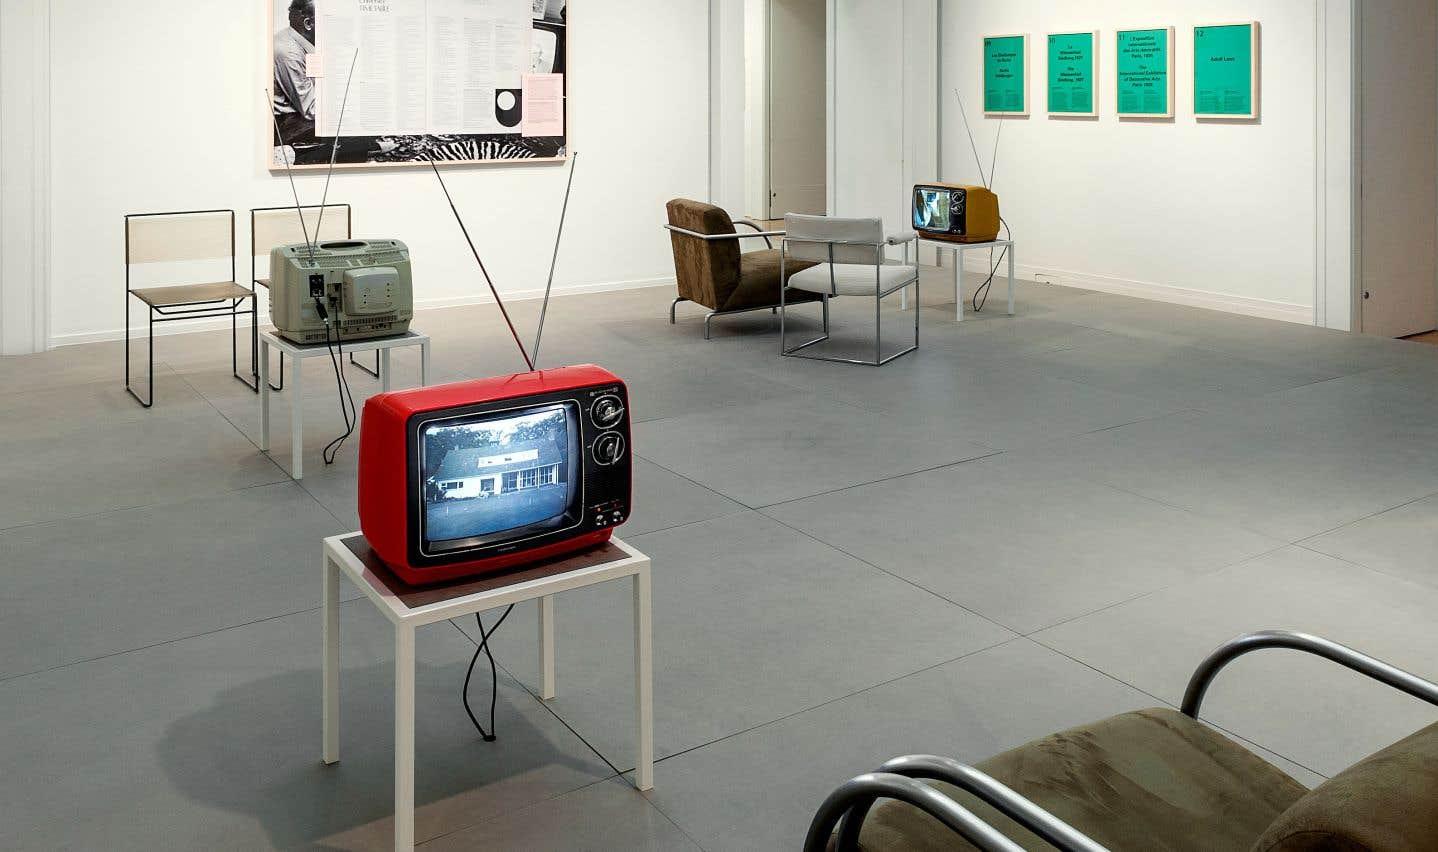 «L'université à l'antenne: diffuser l'architecture moderne.» Vue d'installation, 2017.